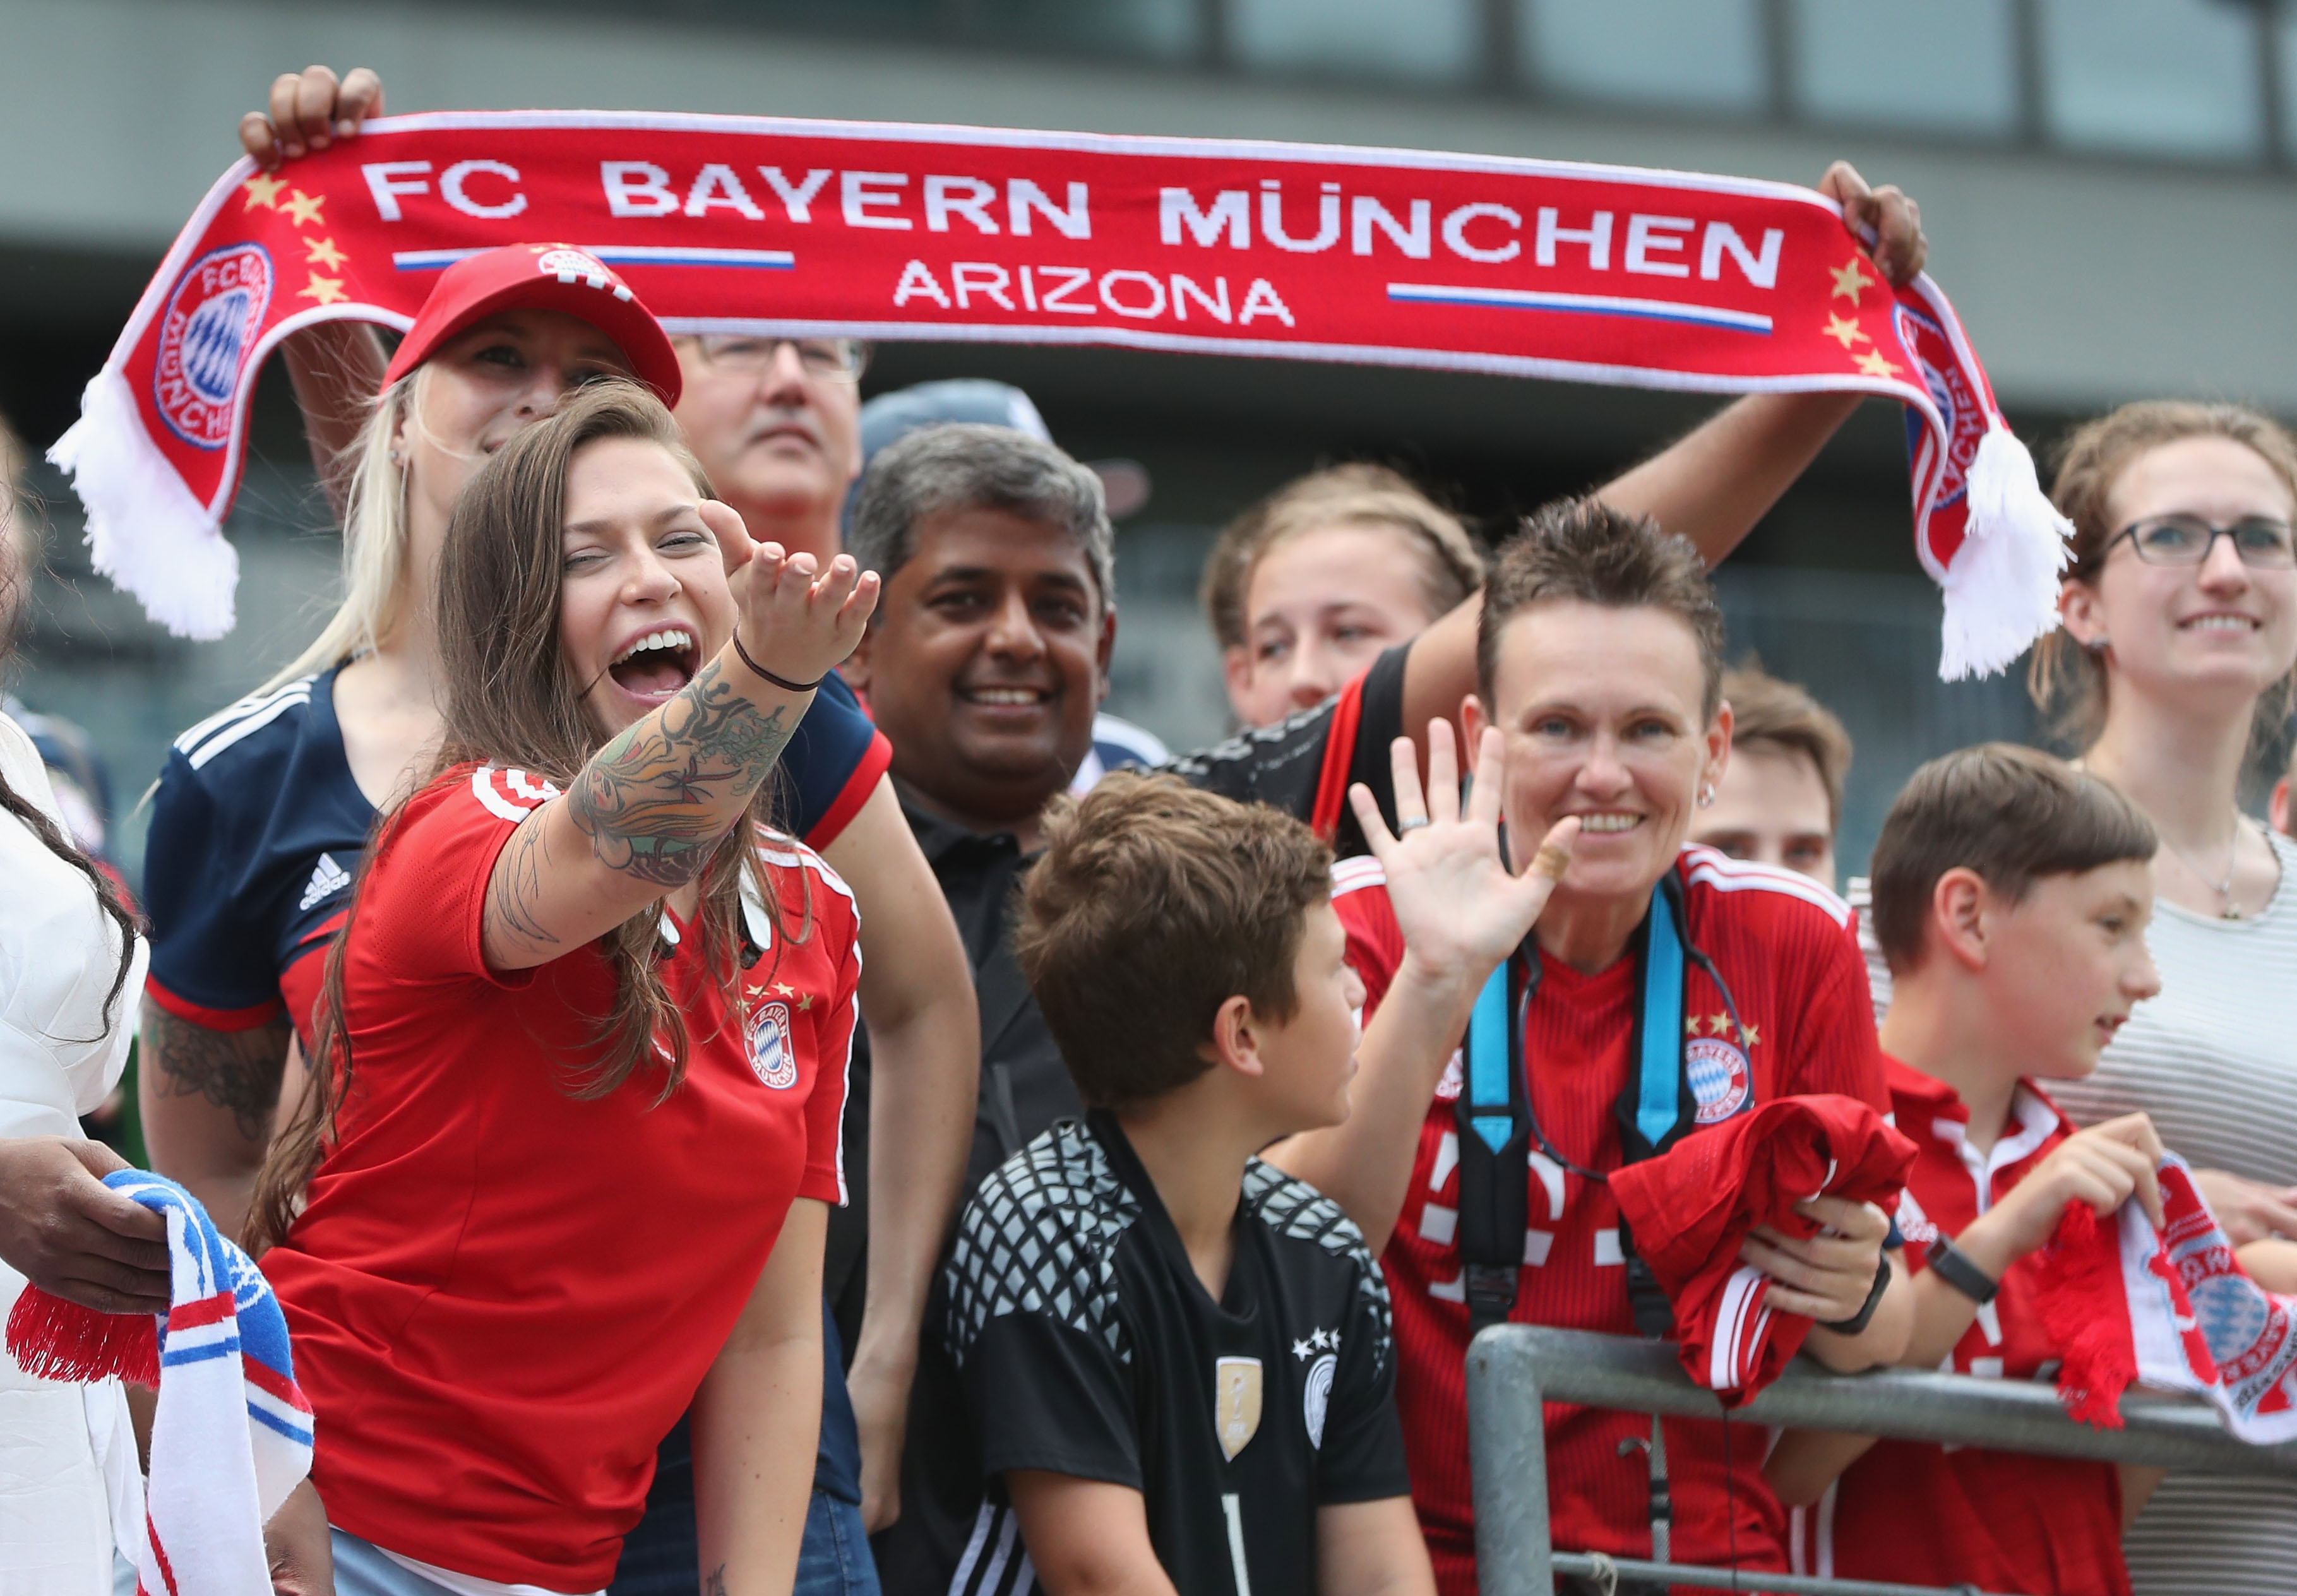 FC Bayern München fans USA Arizona